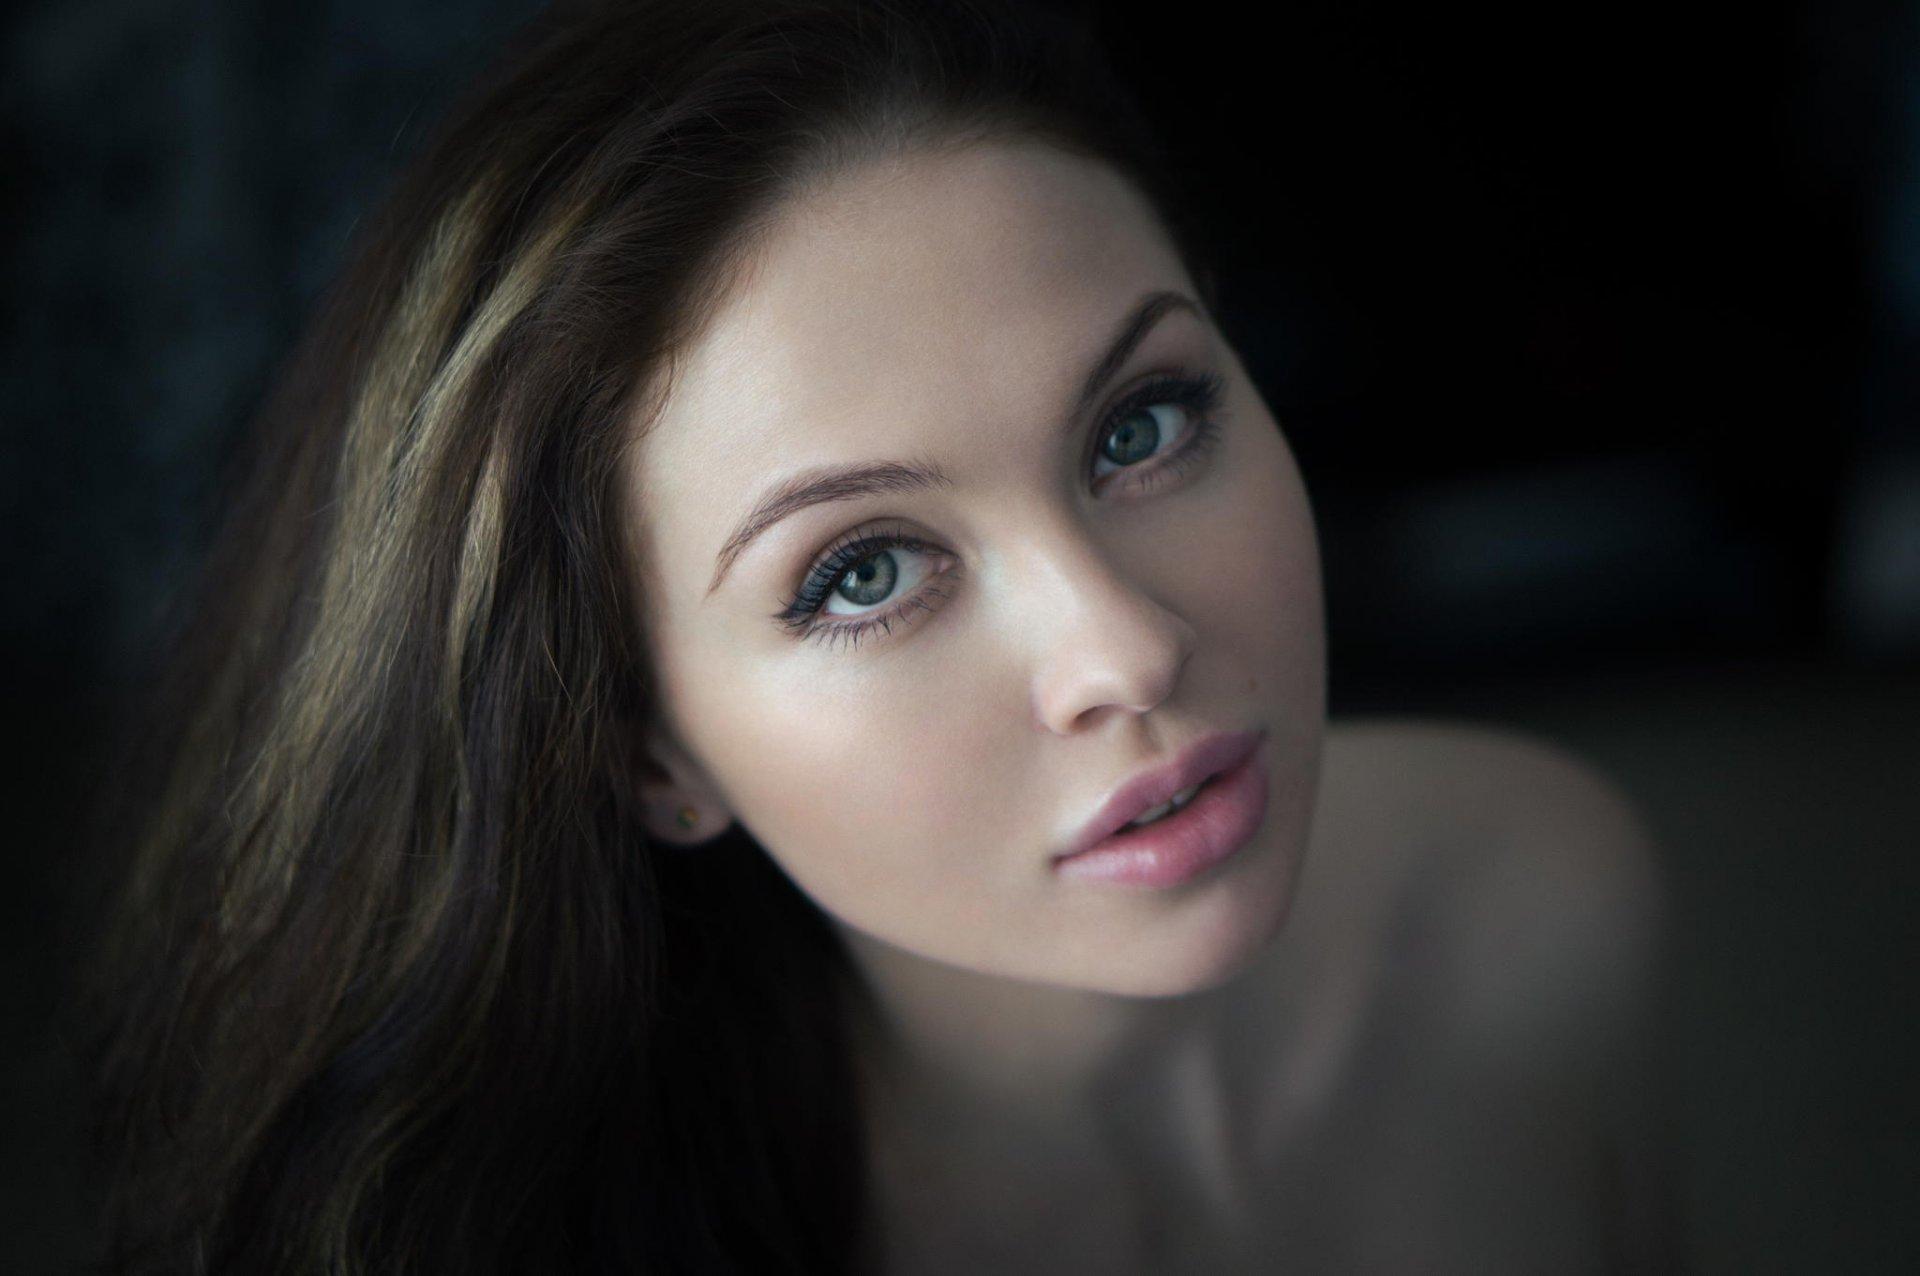 что красивые мордашки девушек мужчин, люблю